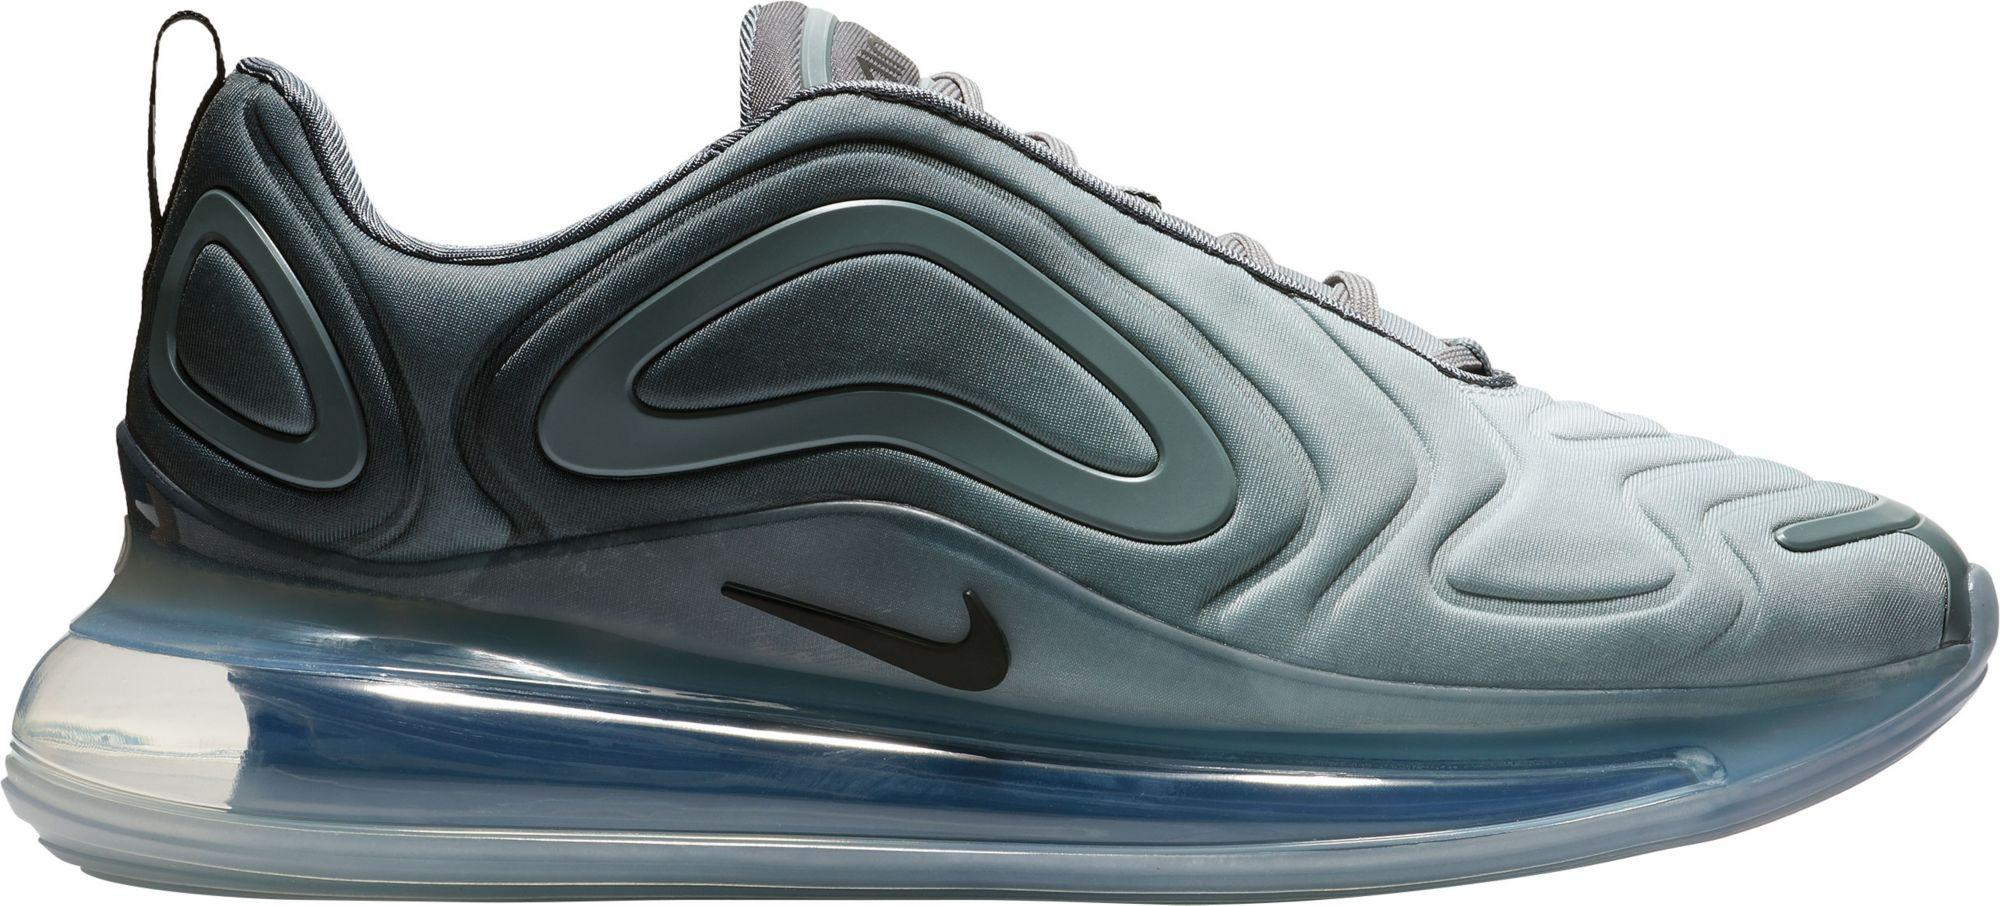 Nike Air Max 720 $105 + tax